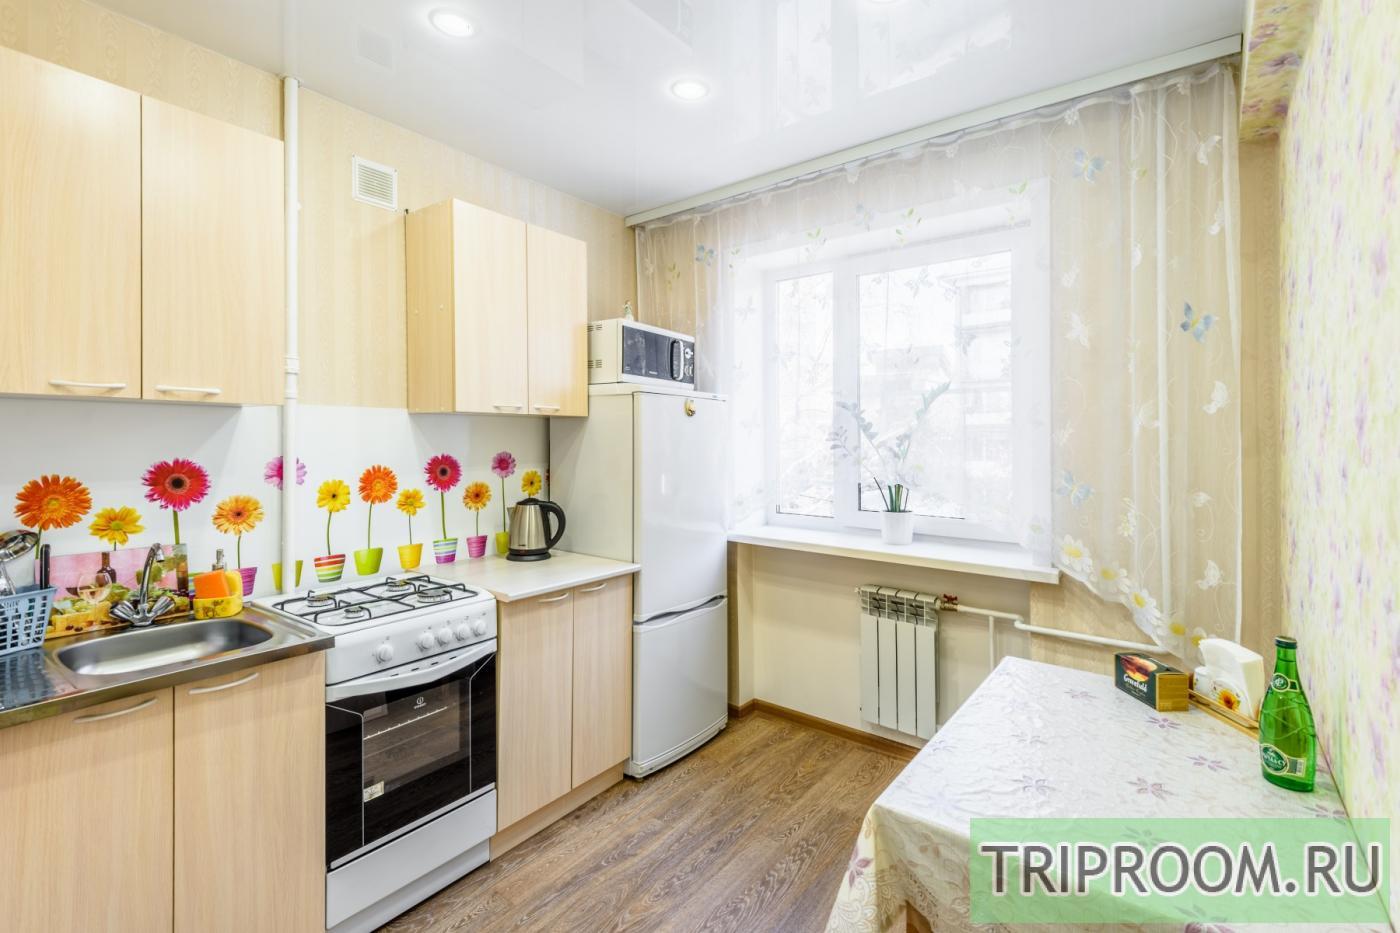 2-комнатная квартира посуточно (вариант № 17452), ул. Байкальская улица, фото № 7